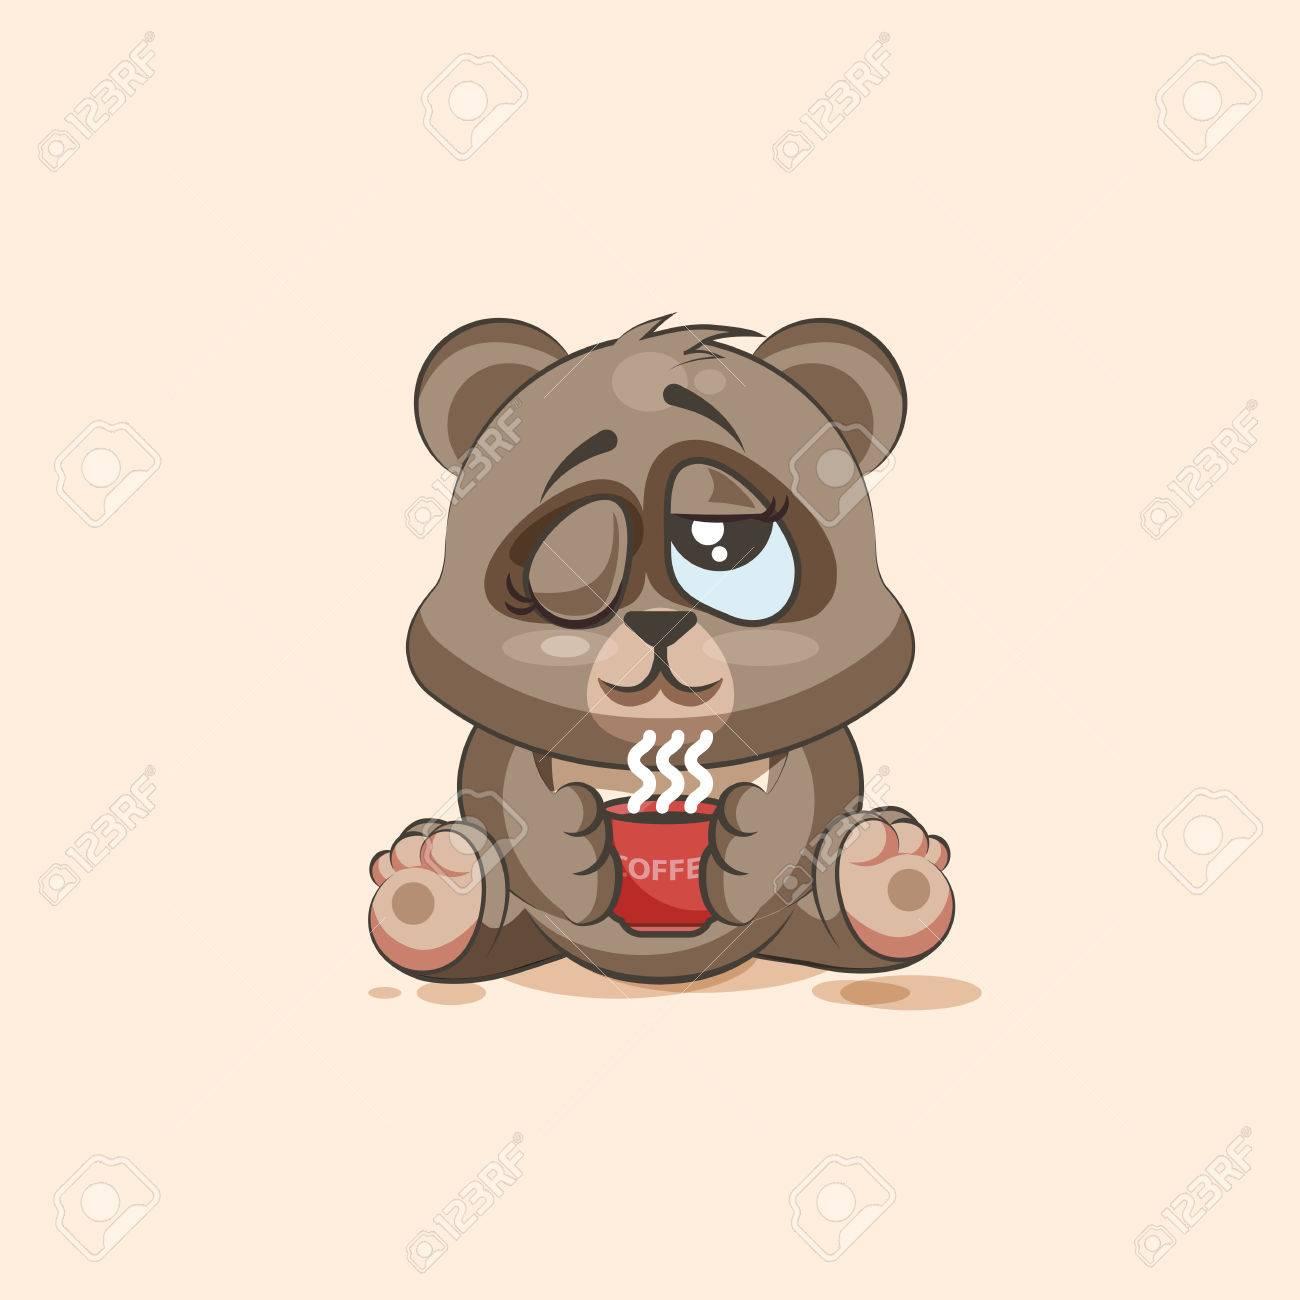 banque dimages vector illustration isol emoji dessin anim caractre ours vient de se rveiller avec tasse de caf autocollant moticne pour le site